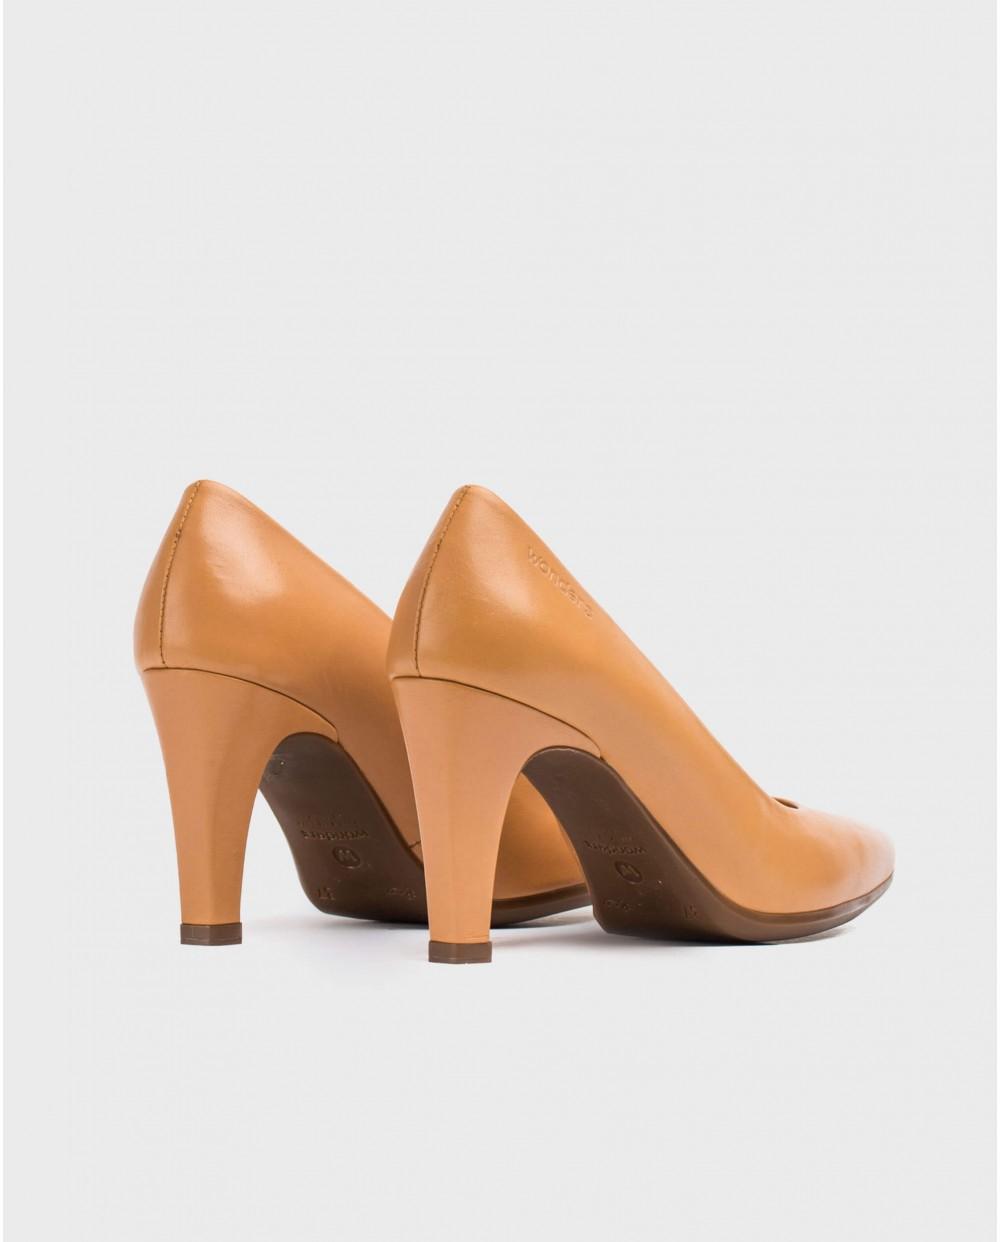 Wonders-Heels-High heeled shoes